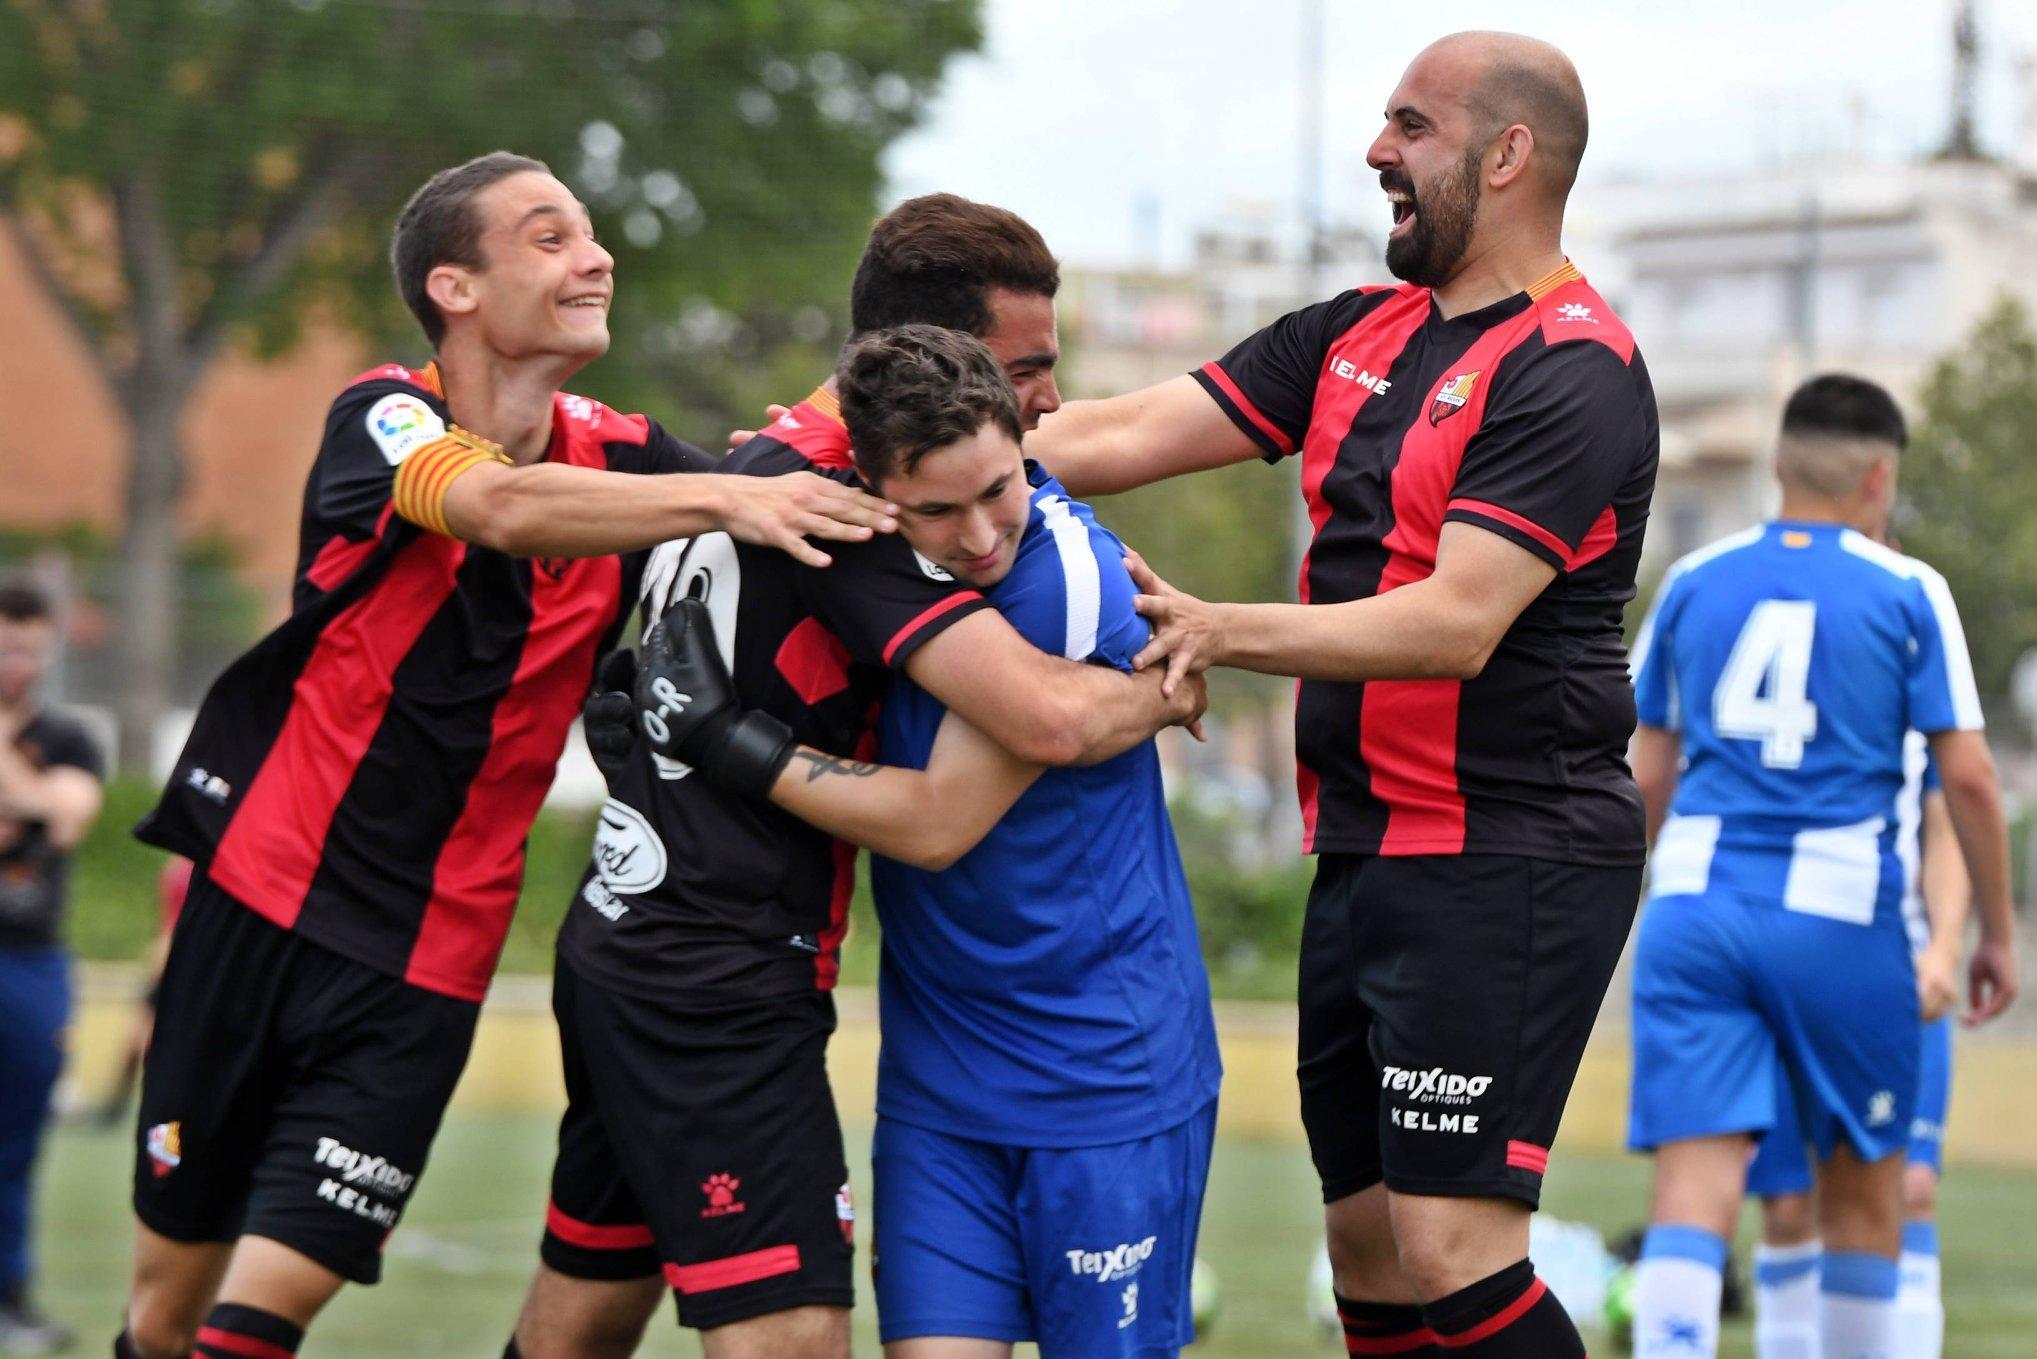 Els Genuine comencen a preparar la seva tercera temporada a LaLiga